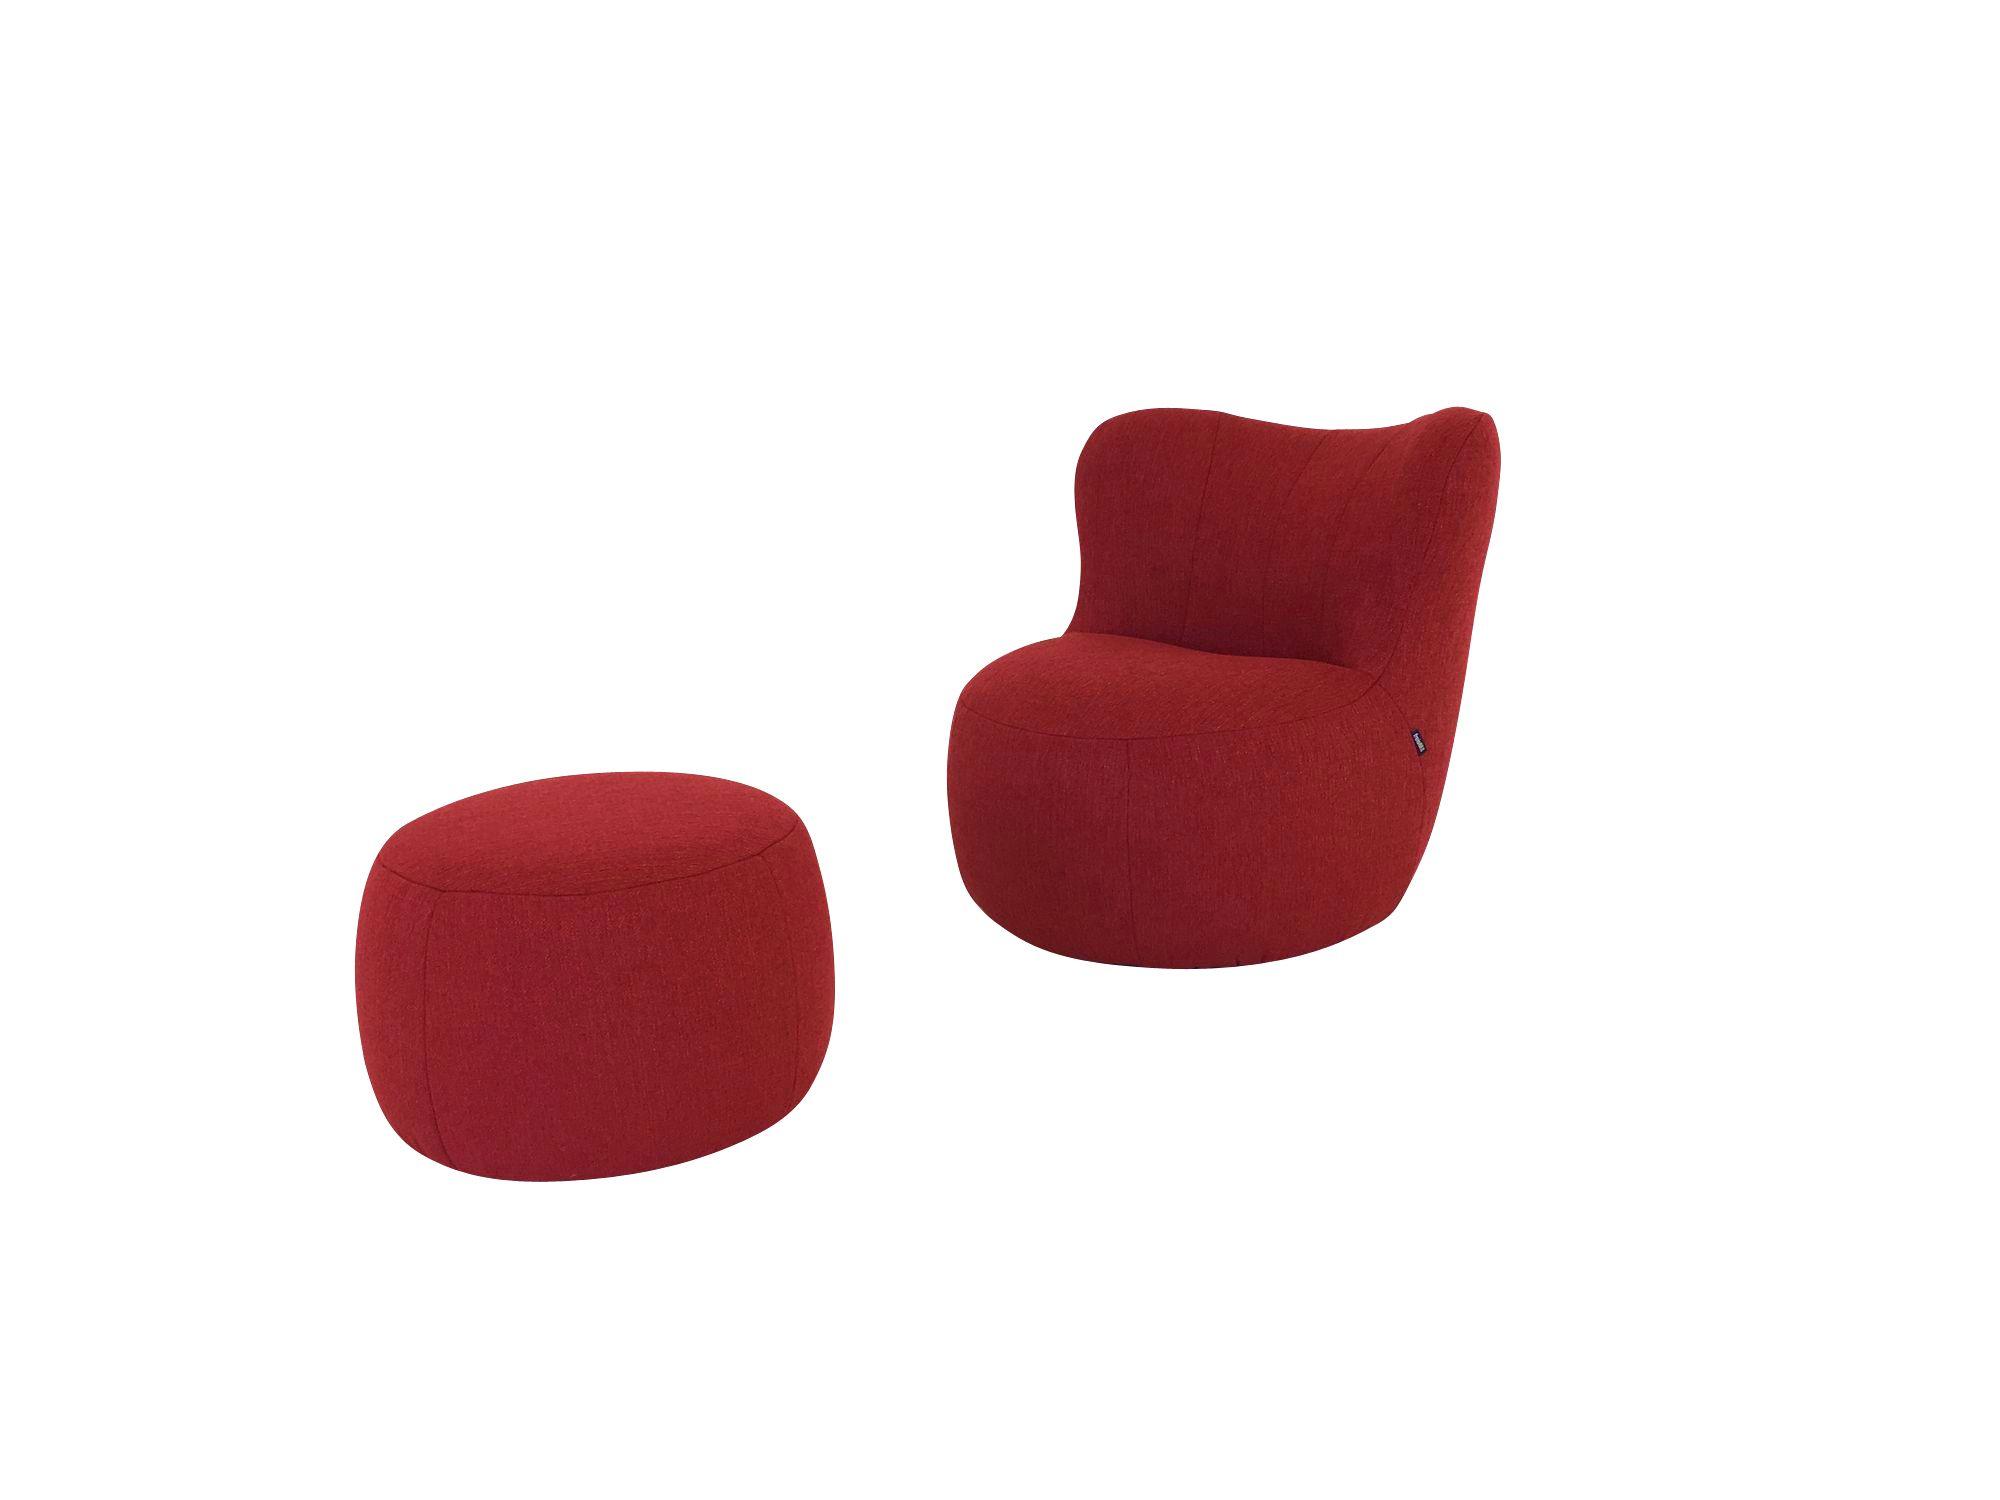 Freistil 173 rolf benz sessel mit rundem hocker in for Designer sessel outlet